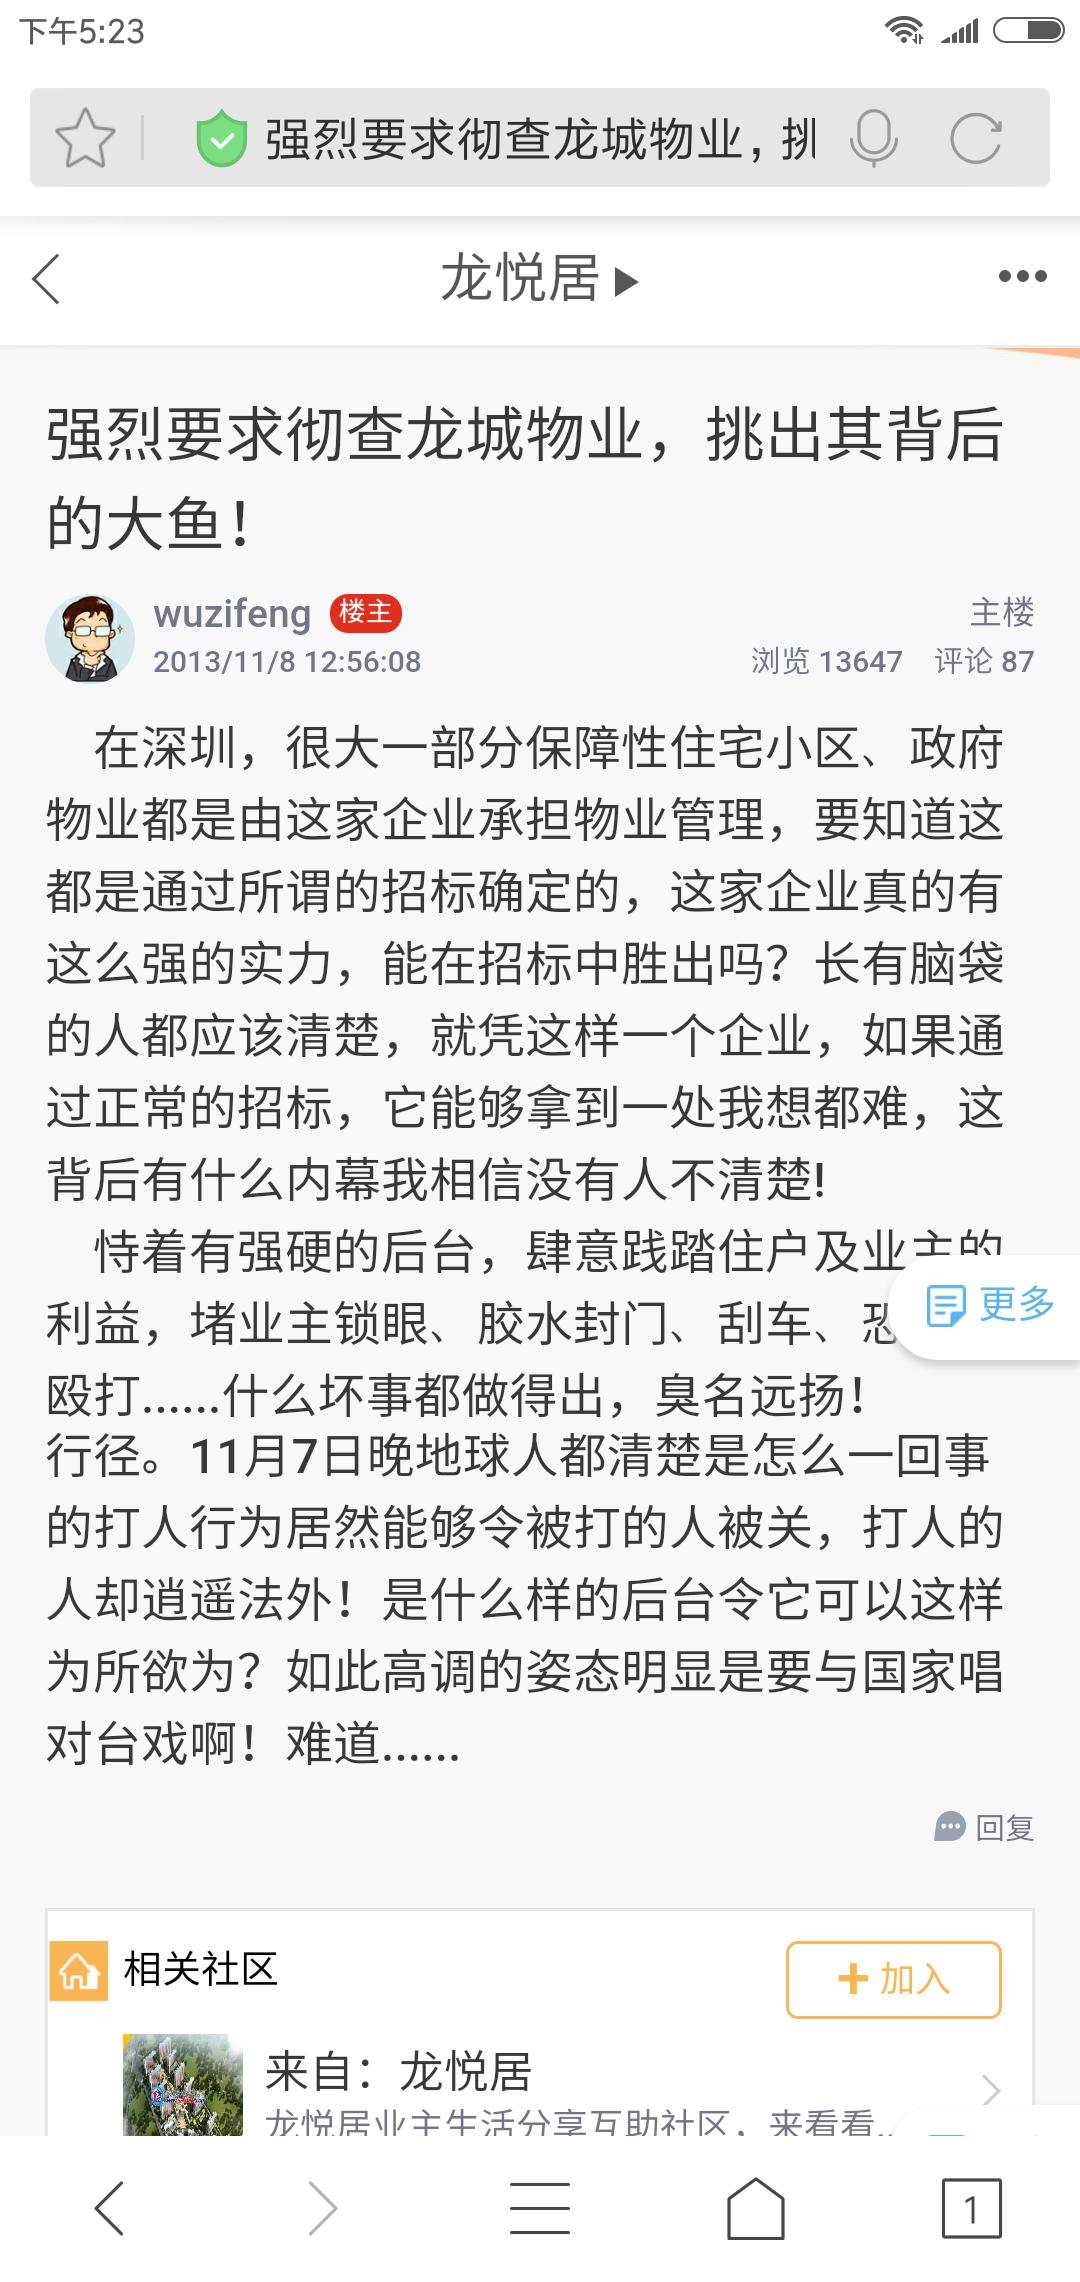 Screenshot_2018-07-28-17-23-10-280_com.ijinshan.browser_fast.png